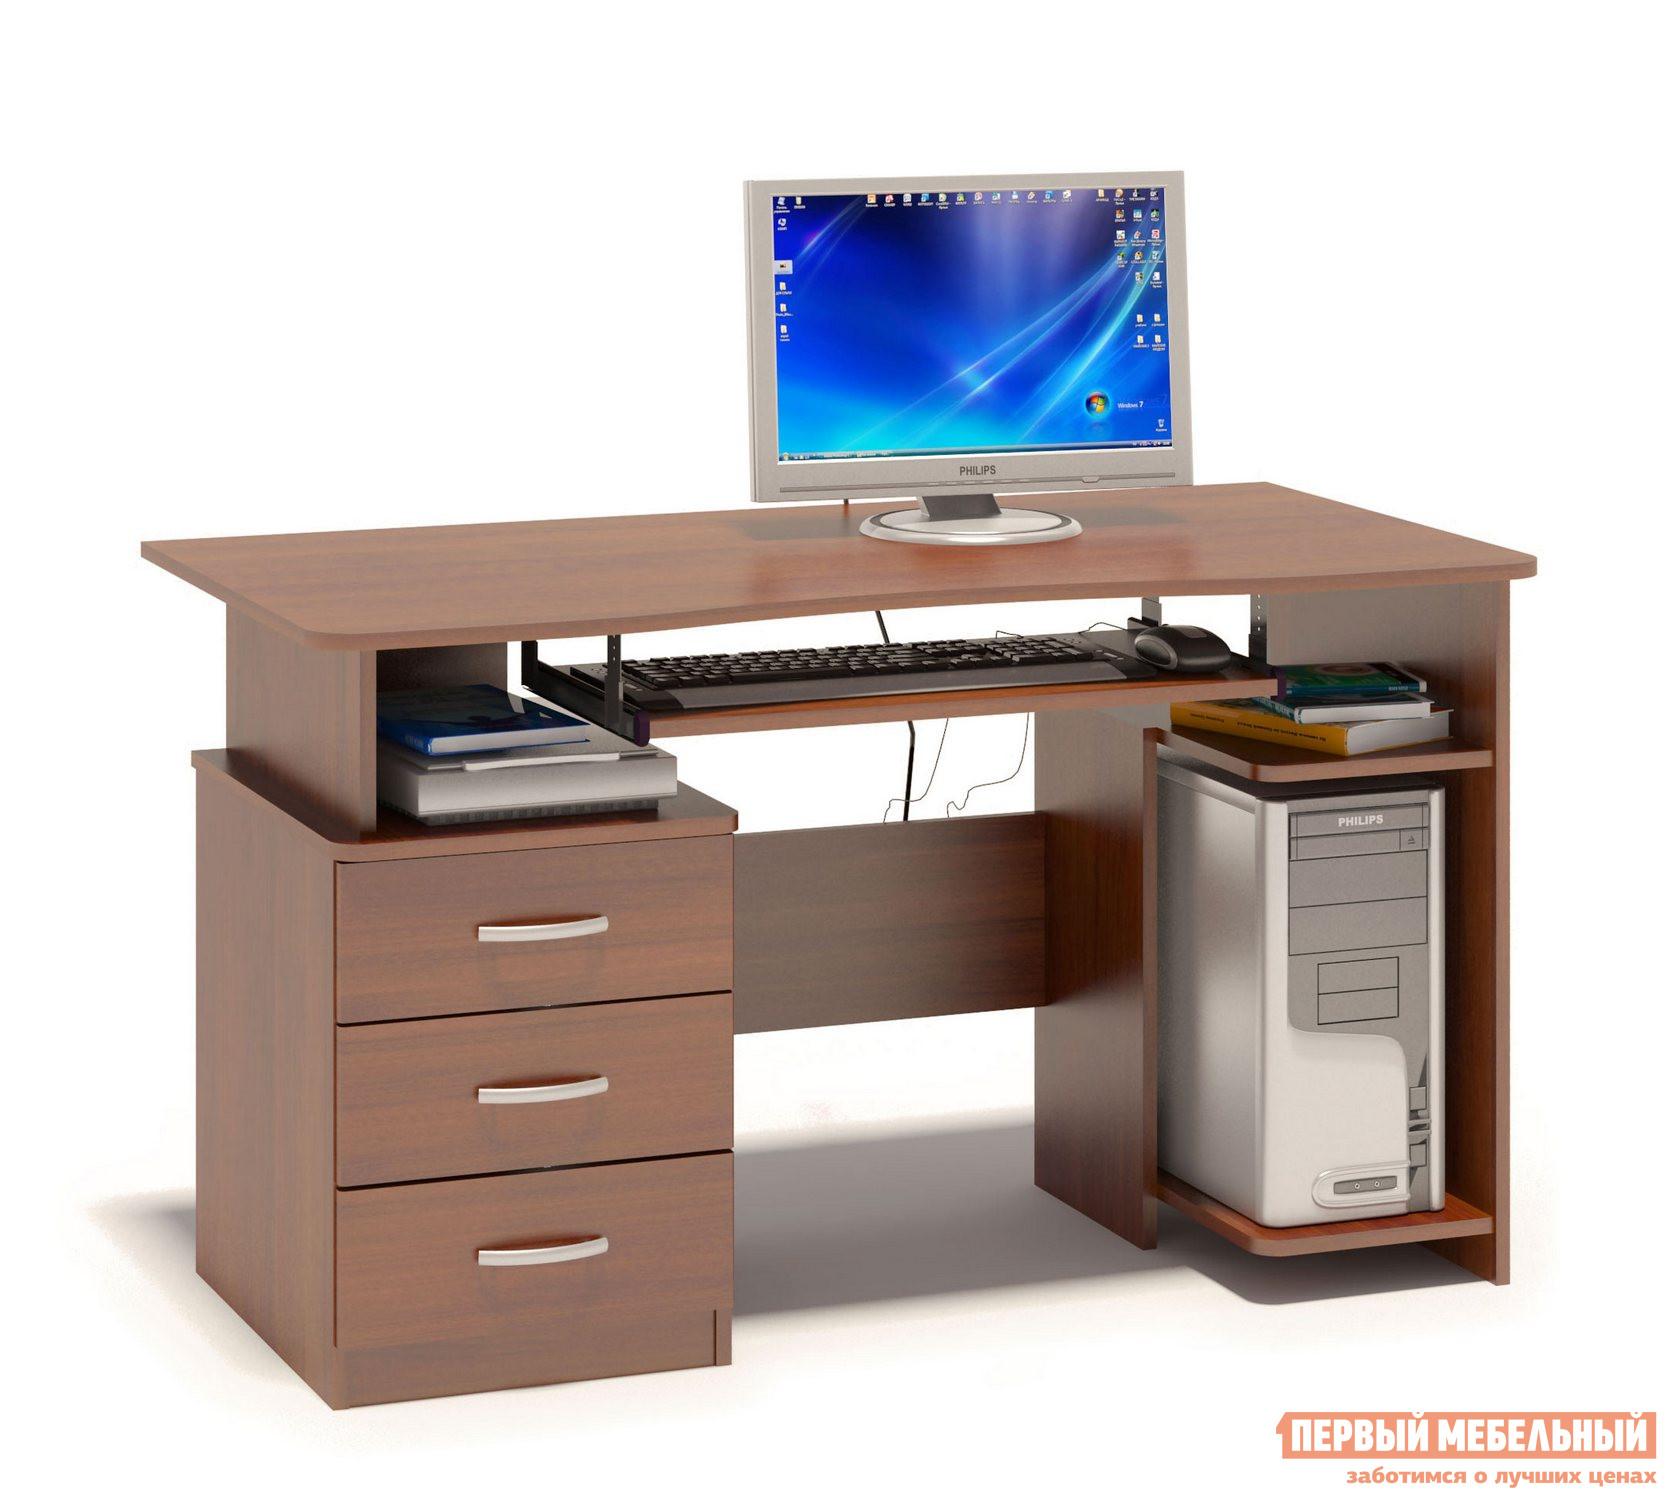 Компьютерный стол Сокол КСТ-08.1 Испанский орехКомпьютерные столы<br>Габаритные размеры ВхШхГ 740x1300x600 мм. Удобный компьютерный стол.  Столешница имеет анатомическую форму, она изготовлена из высококачественного ДСП отечественного производства толщиной 16 мм, отделана противоударной кромкой ПВХ.  Стол оснащен тумбой с тремя ящиками и полкой под системный блок.  Полочка под клавиатуру имеет размеры 650 х 356 мм. Внутренний размер ящиков составляет 476 х 310 мм, что позволит разместить в них документы формата А4, канцелярские принадлежности и необходимые мелочи. Стол универсальный и может быть собран как в правом, так и в левом исполнении (зависит от расположения системного блока). Изделие поставляется в разобранном виде.  Хорошо упаковано вгофротару вместе с необходимой фурнитурой для сборки и подробной инструкцией.  Рекомендуем сохранить инструкцию по сборке (паспорт изделия) до истечения гарантийного срока.<br><br>Цвет: Красное дерево<br>Высота мм: 740<br>Ширина мм: 1300<br>Глубина мм: 600<br>Кол-во упаковок: 1<br>Форма поставки: В разобранном виде<br>Срок гарантии: 2 года<br>Тип: Прямые<br>Материал: Дерево<br>Материал: ЛДСП<br>Размер: Большие<br>Размер: Ширина 130 см<br>С ящиками: Да<br>Без надстройки: Да<br>С тумбой: Да<br>Стиль: Современный<br>Стиль: Модерн